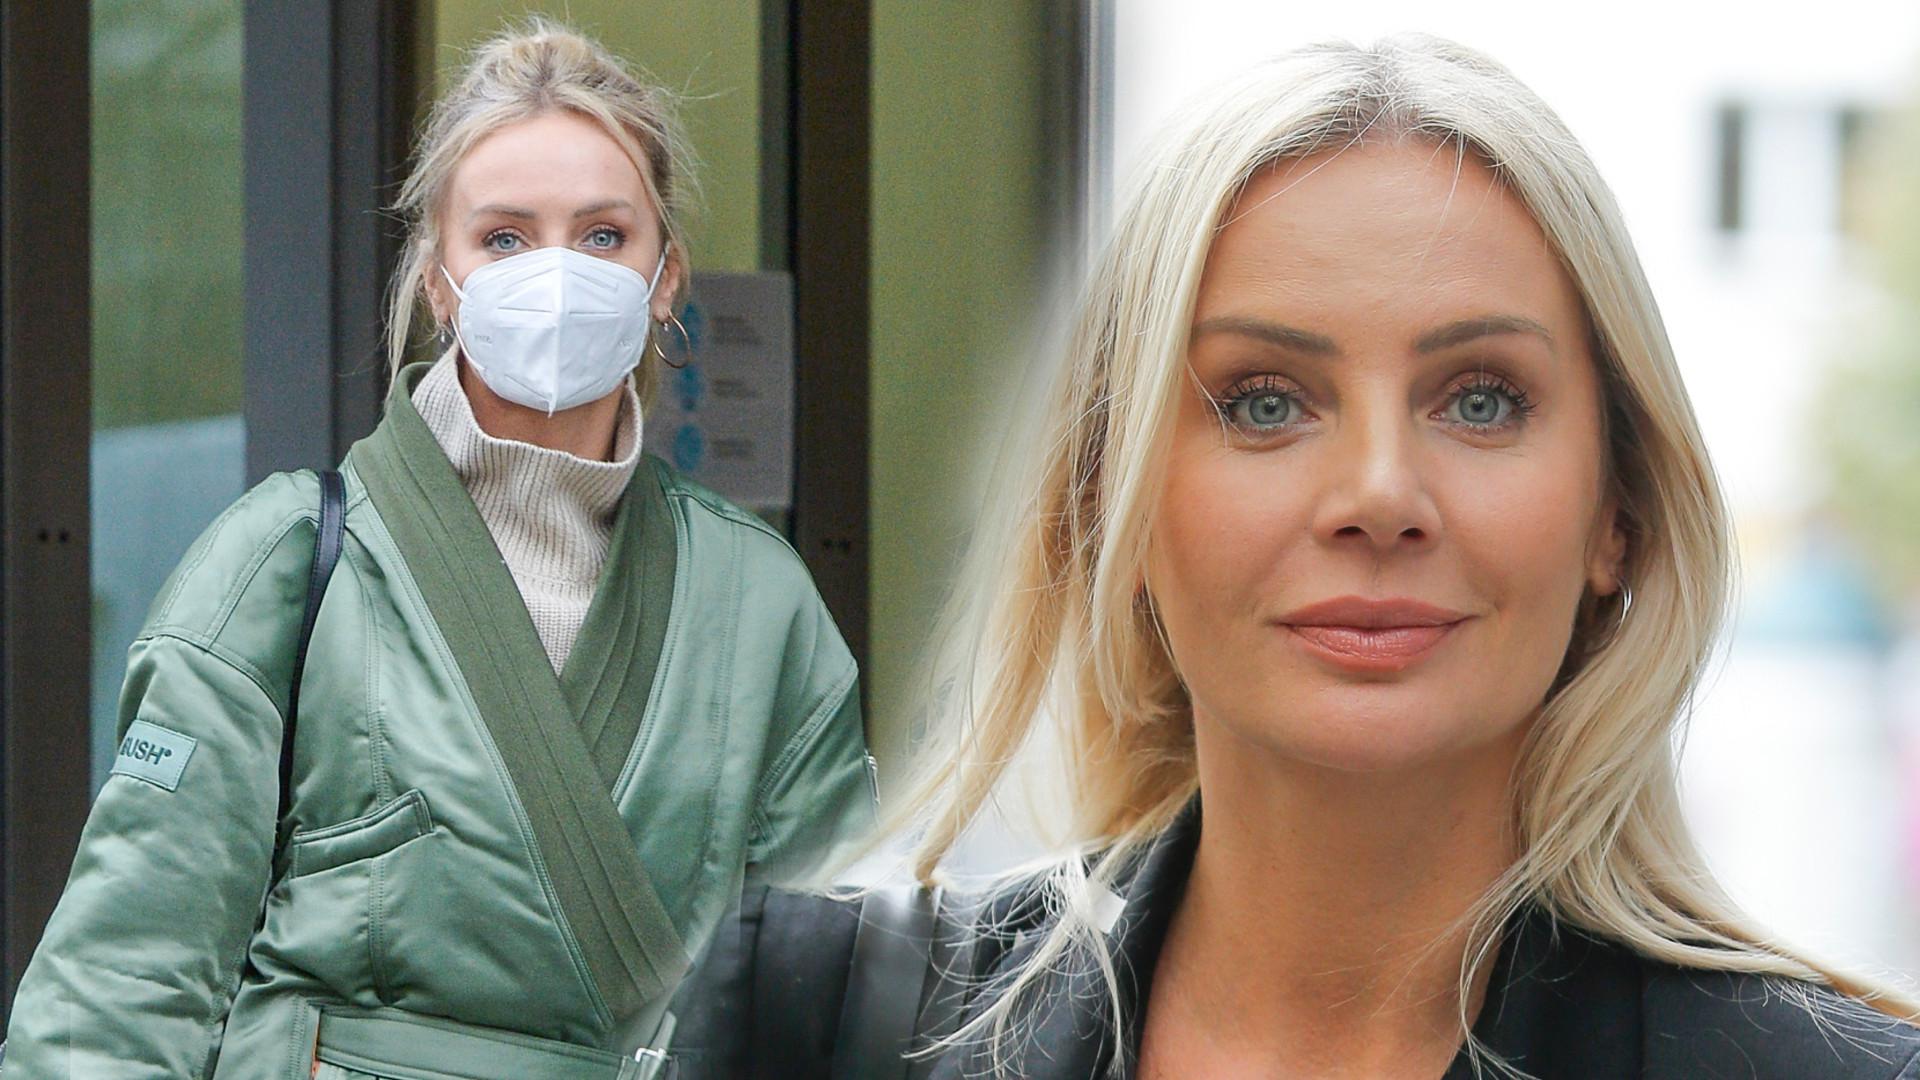 Agnieszka Woźniak-Starak BEZ makijażu i z piegami na twarzy